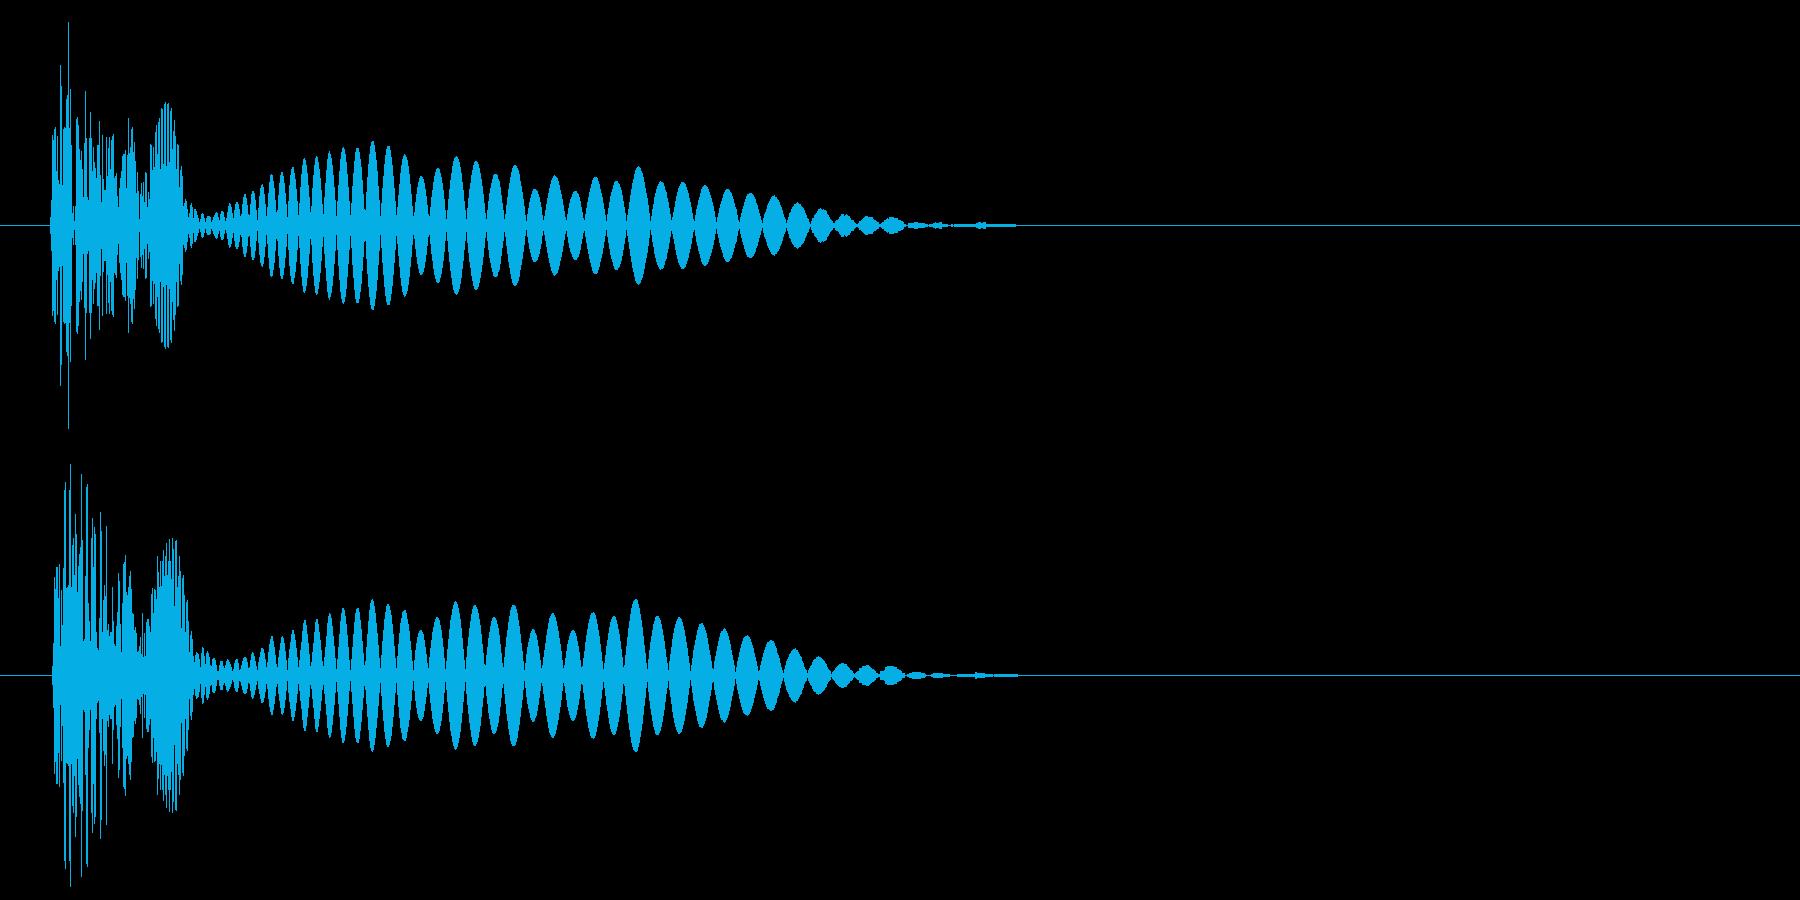 決定・キャンセル音(シュール)の再生済みの波形